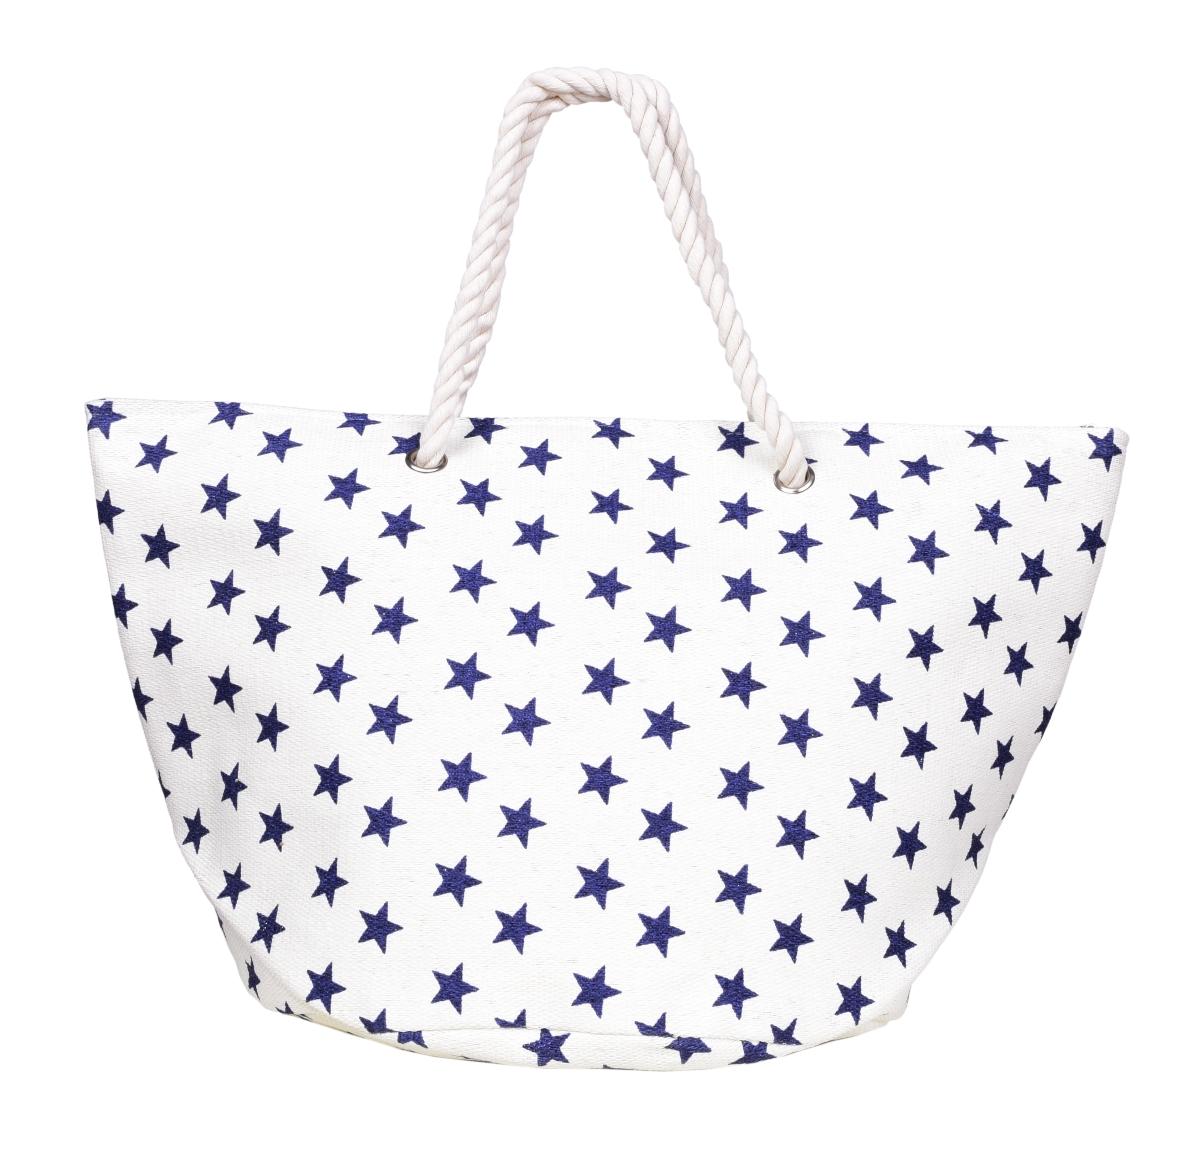 MARINE velká kabelka  modré hvězdičky